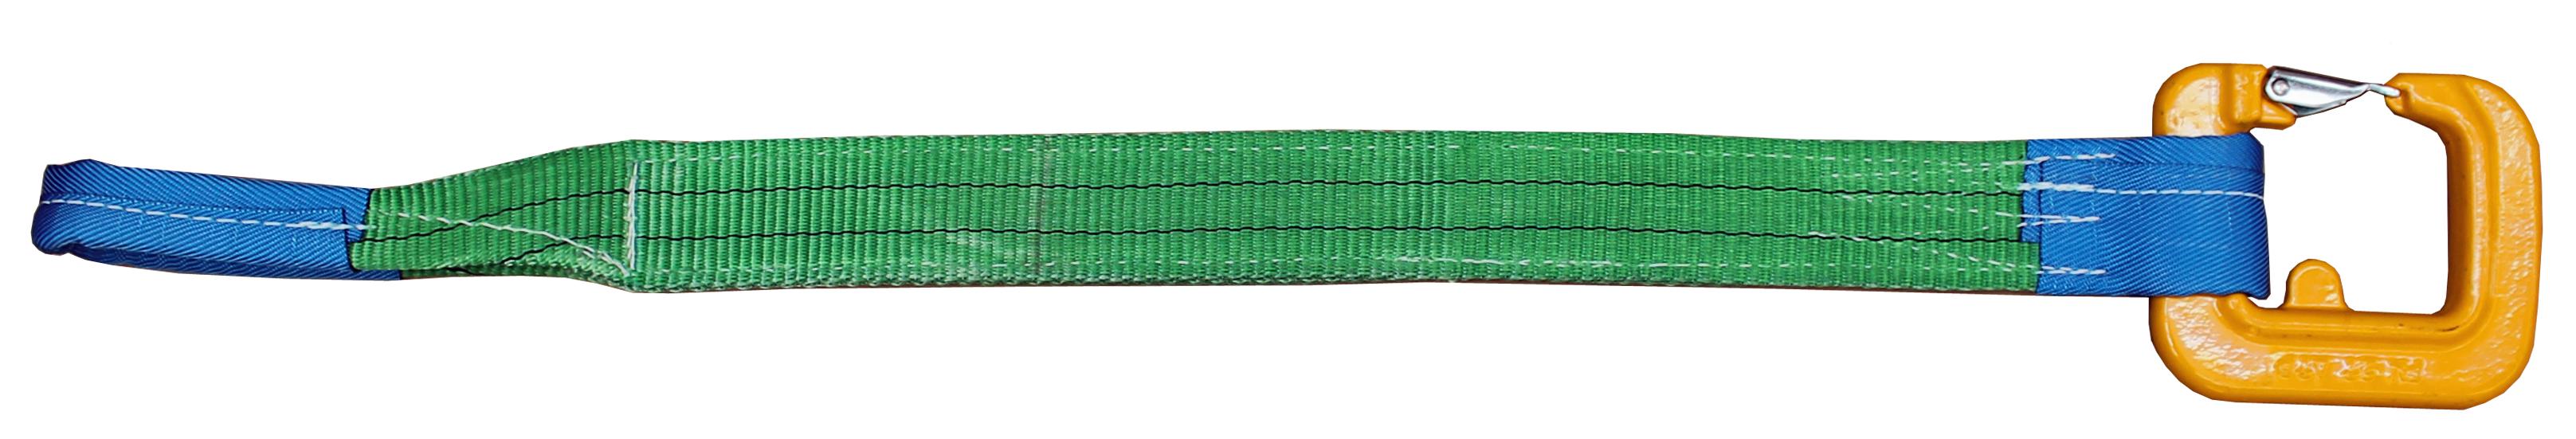 Hebeband 2-lagig  mit Schlaufe + C-Haken  Tragfähigkeit 3 Tonnen